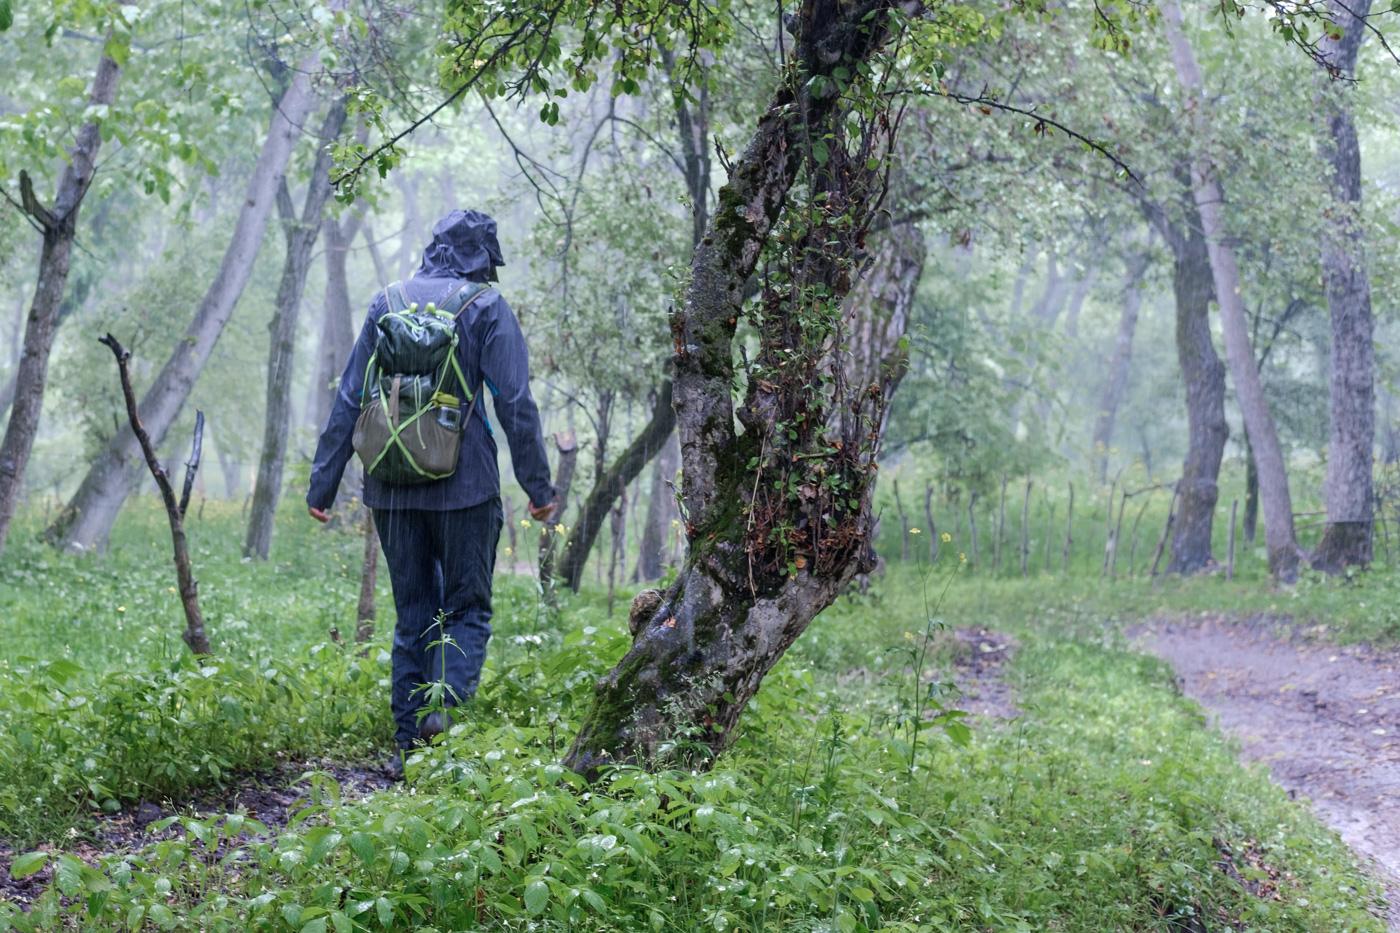 Heftiger Regen in den Walnusswäldern von Arslanbob.